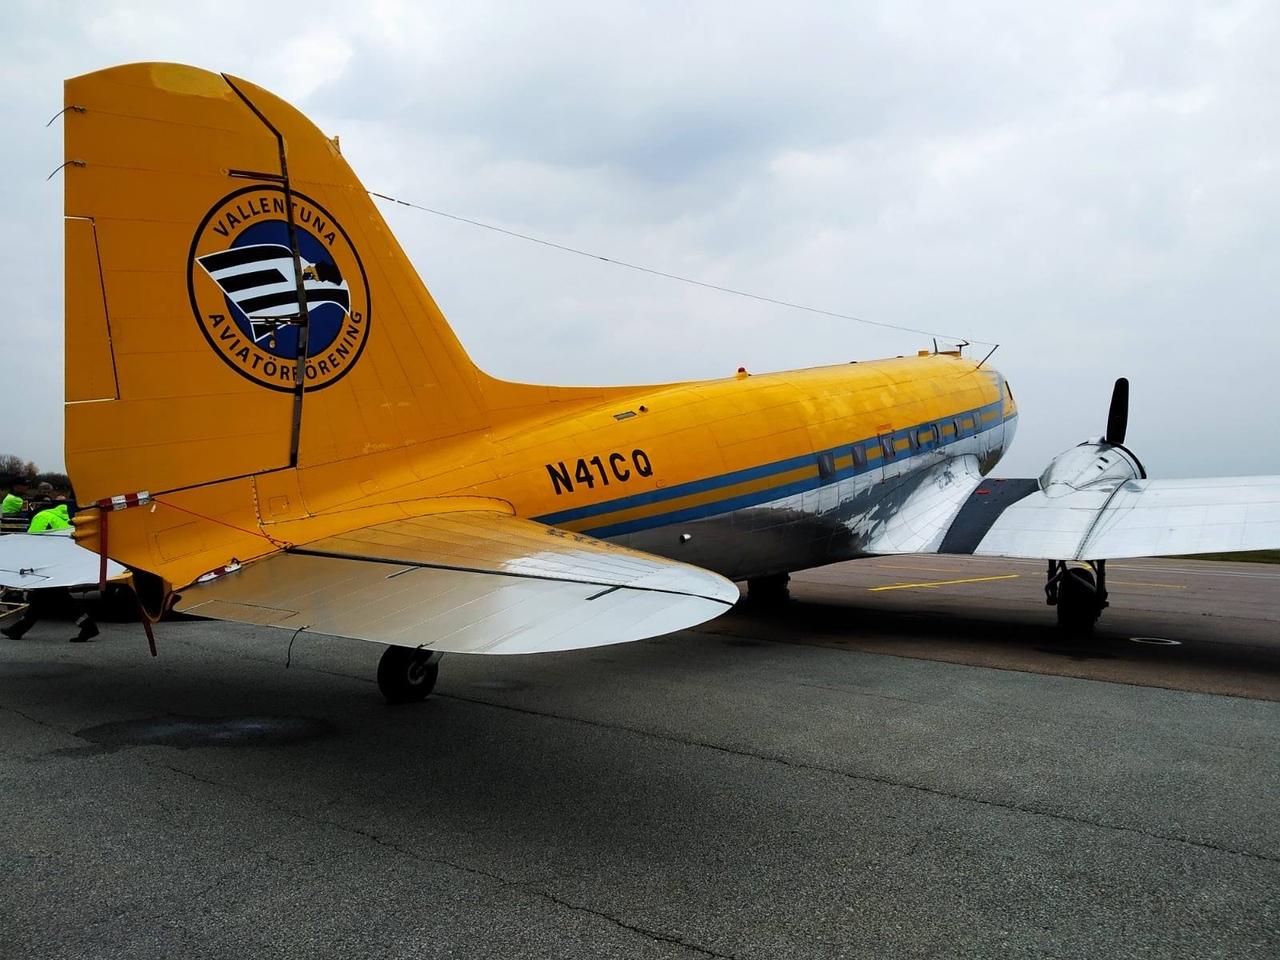 Американский самолет военных лет приземлился в ярославском аэропорту